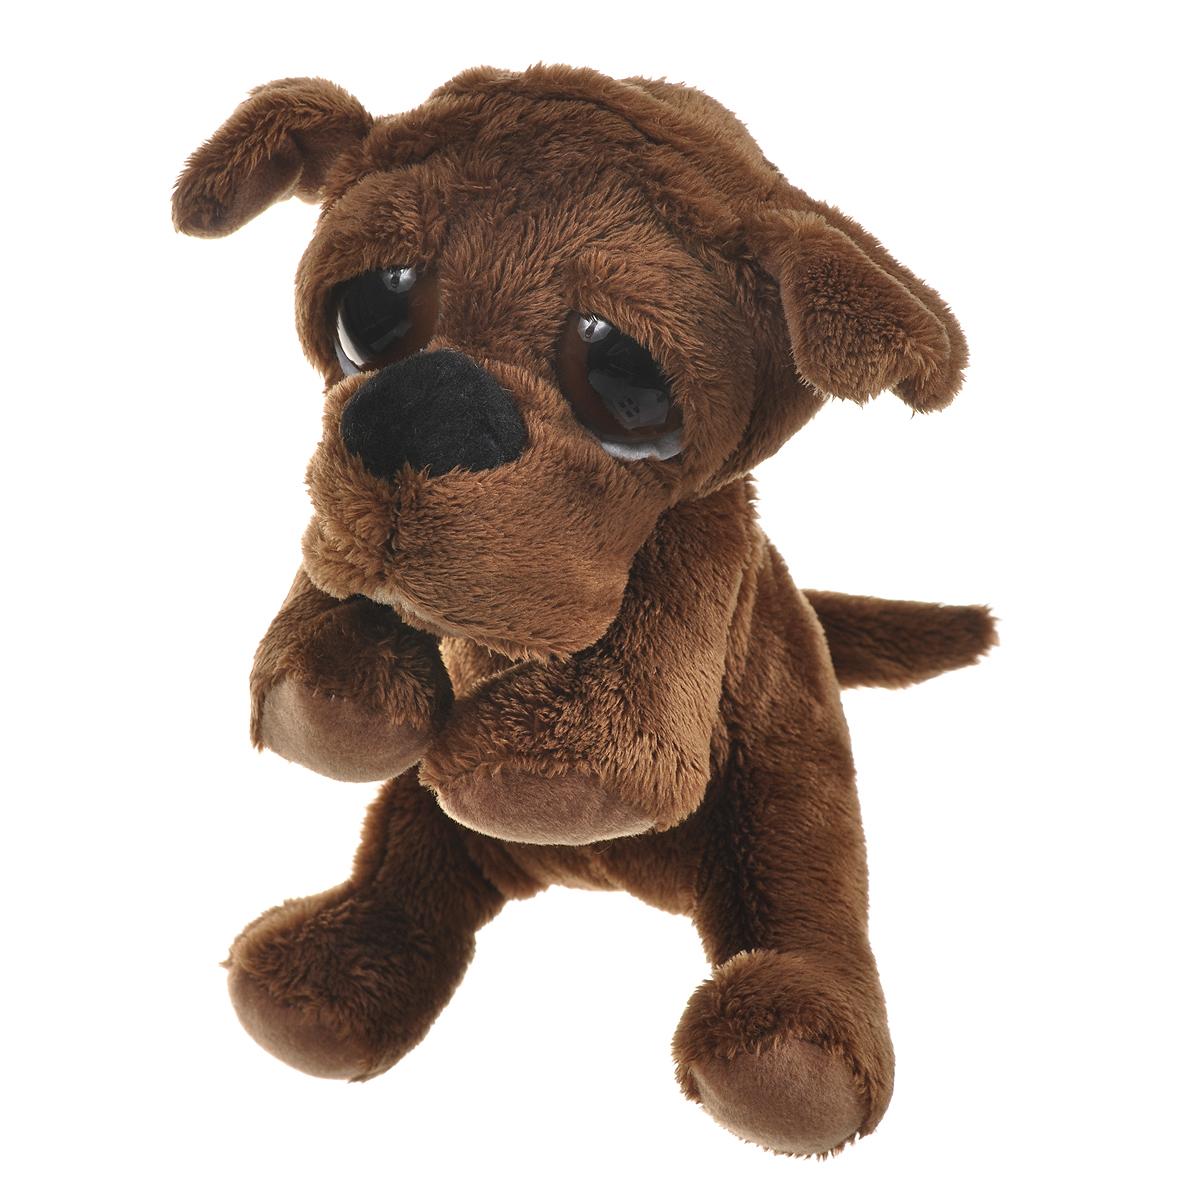 Мягкая игрушка Russ Шарпей Пиперс, цвет: коричневый, 22 см joanna russ the female man